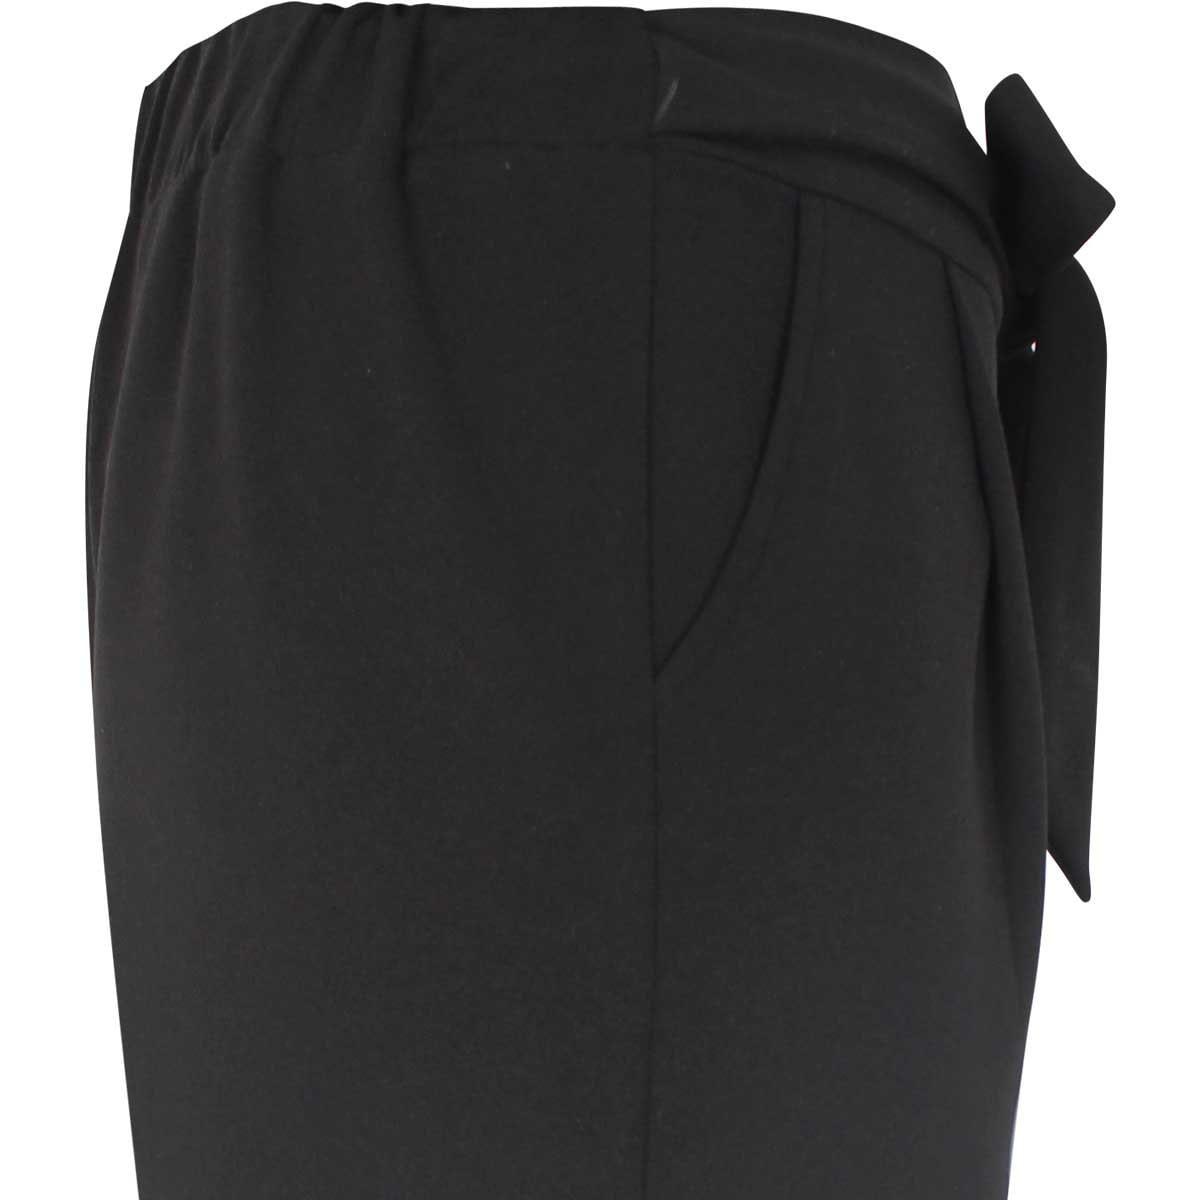 Pantalon Amplio con Pinza Liso con Cinta para Amarre Basel